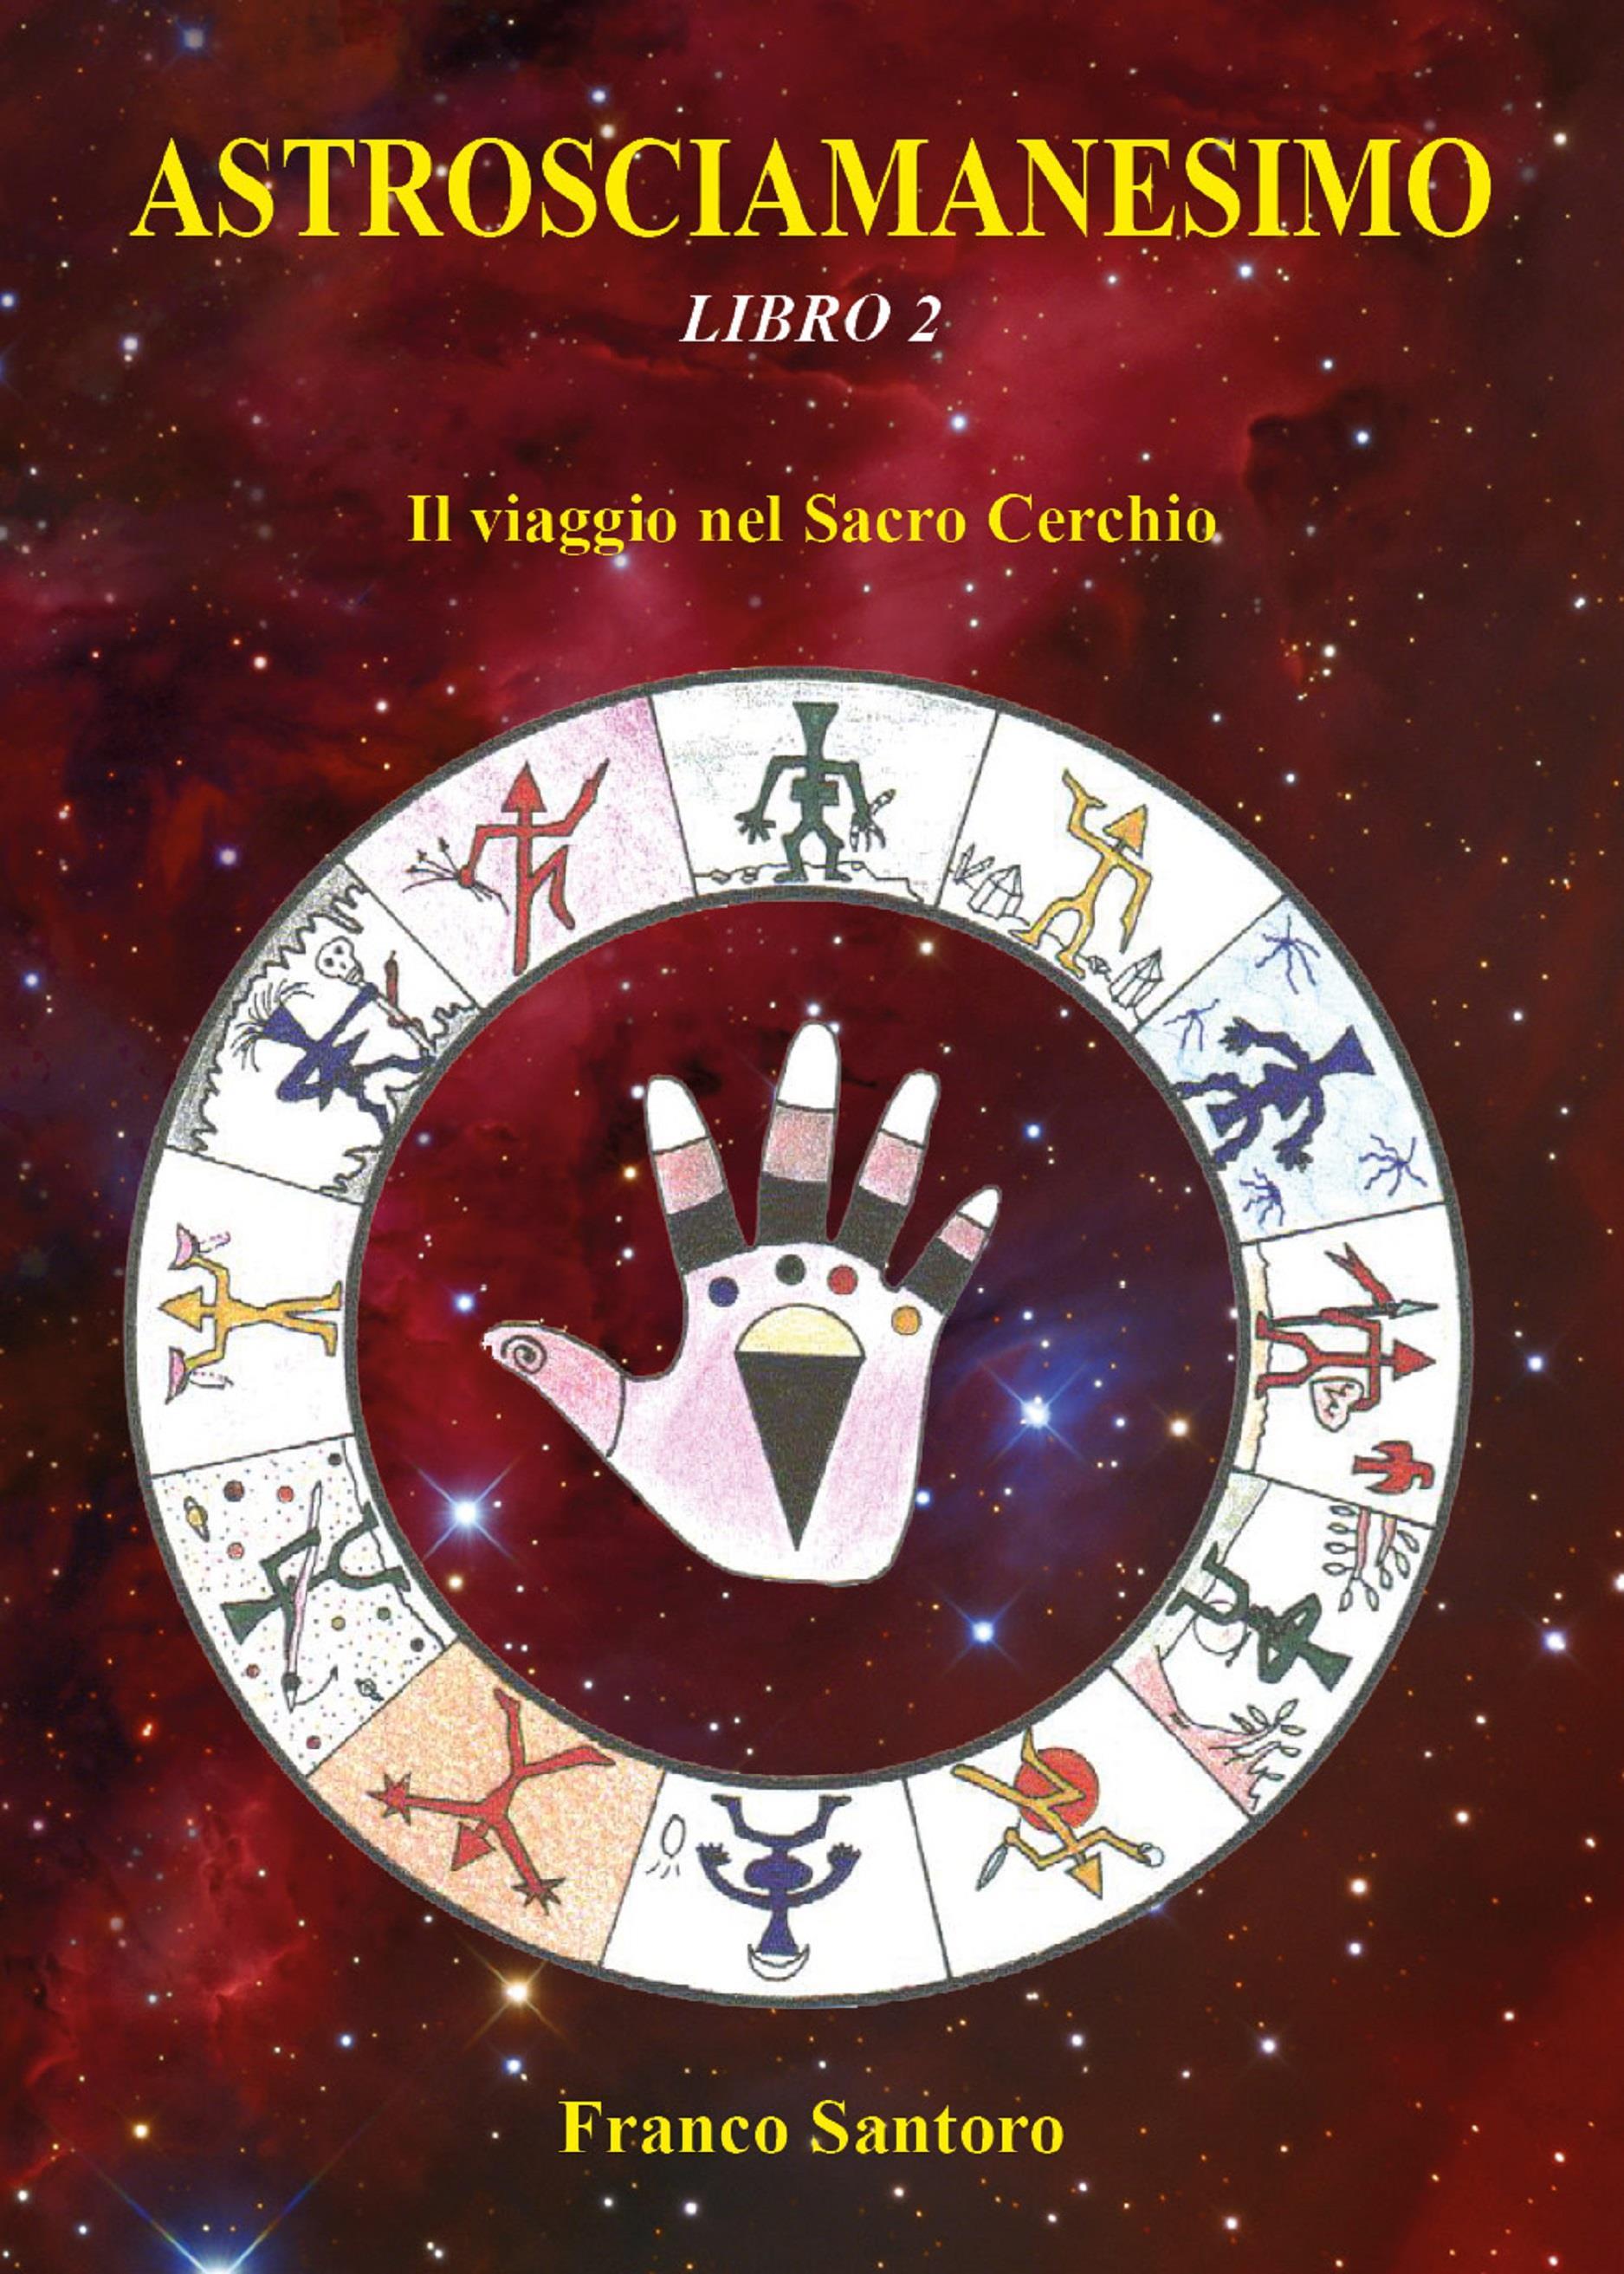 ASTROSCIAMANESIMO. Il viaggio nel Sacro Cerchio. Libro Due